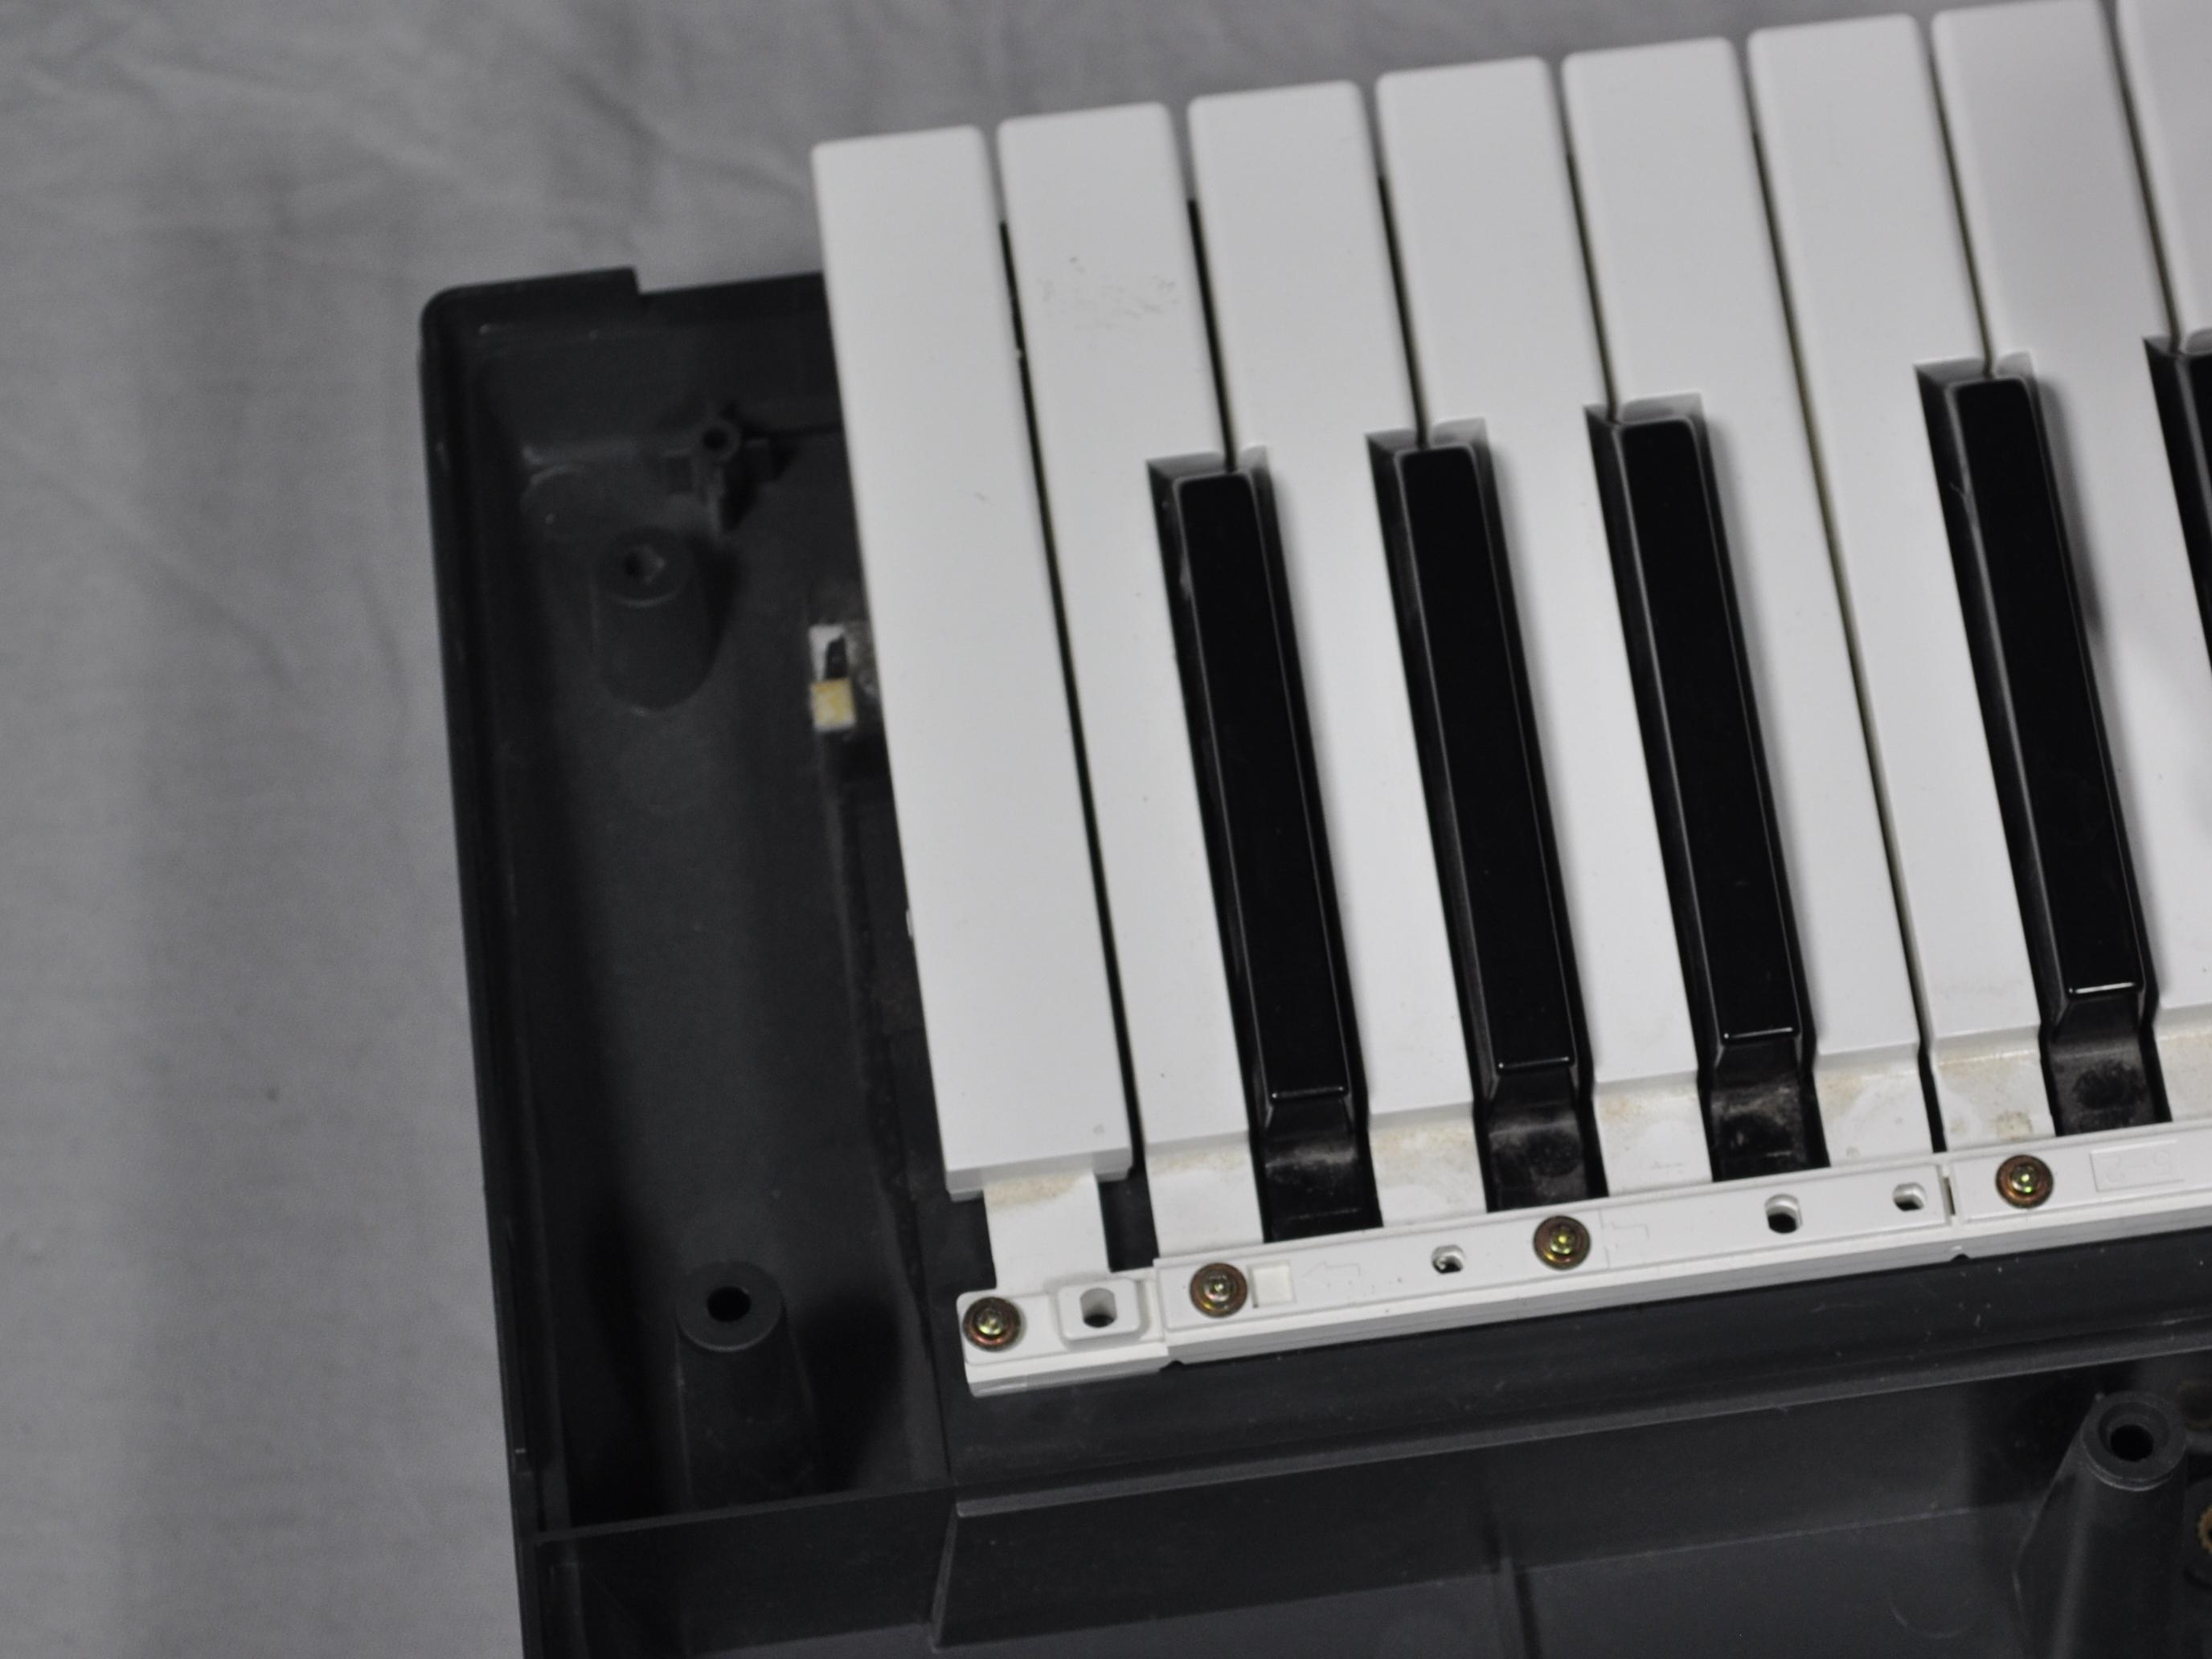 casio ctk 501 repair ifixit rh ifixit com Casio Keyboard Owner's Manual Casio Lk 43 Keyboard Manual